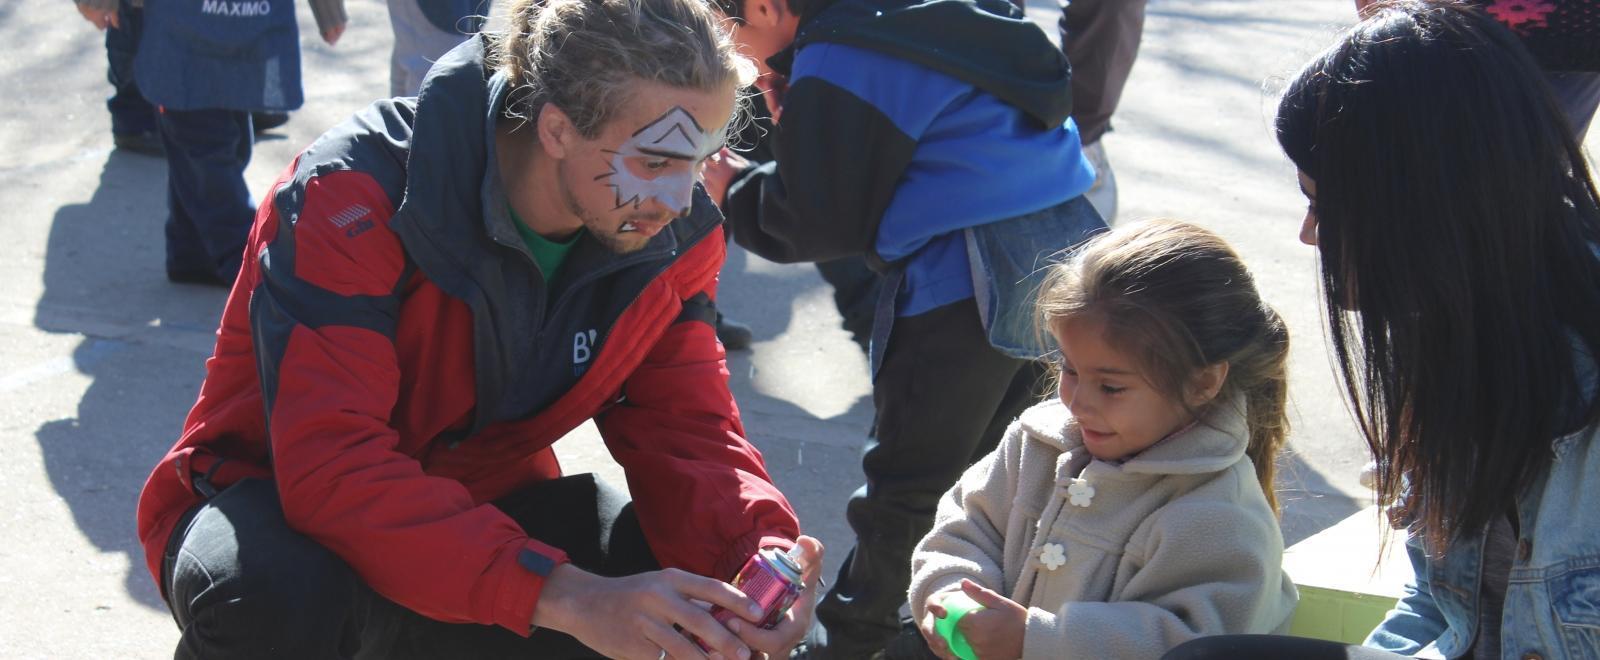 Voluntarios sociales interactuando con una niña durante su trabajo voluntario en Argentina.